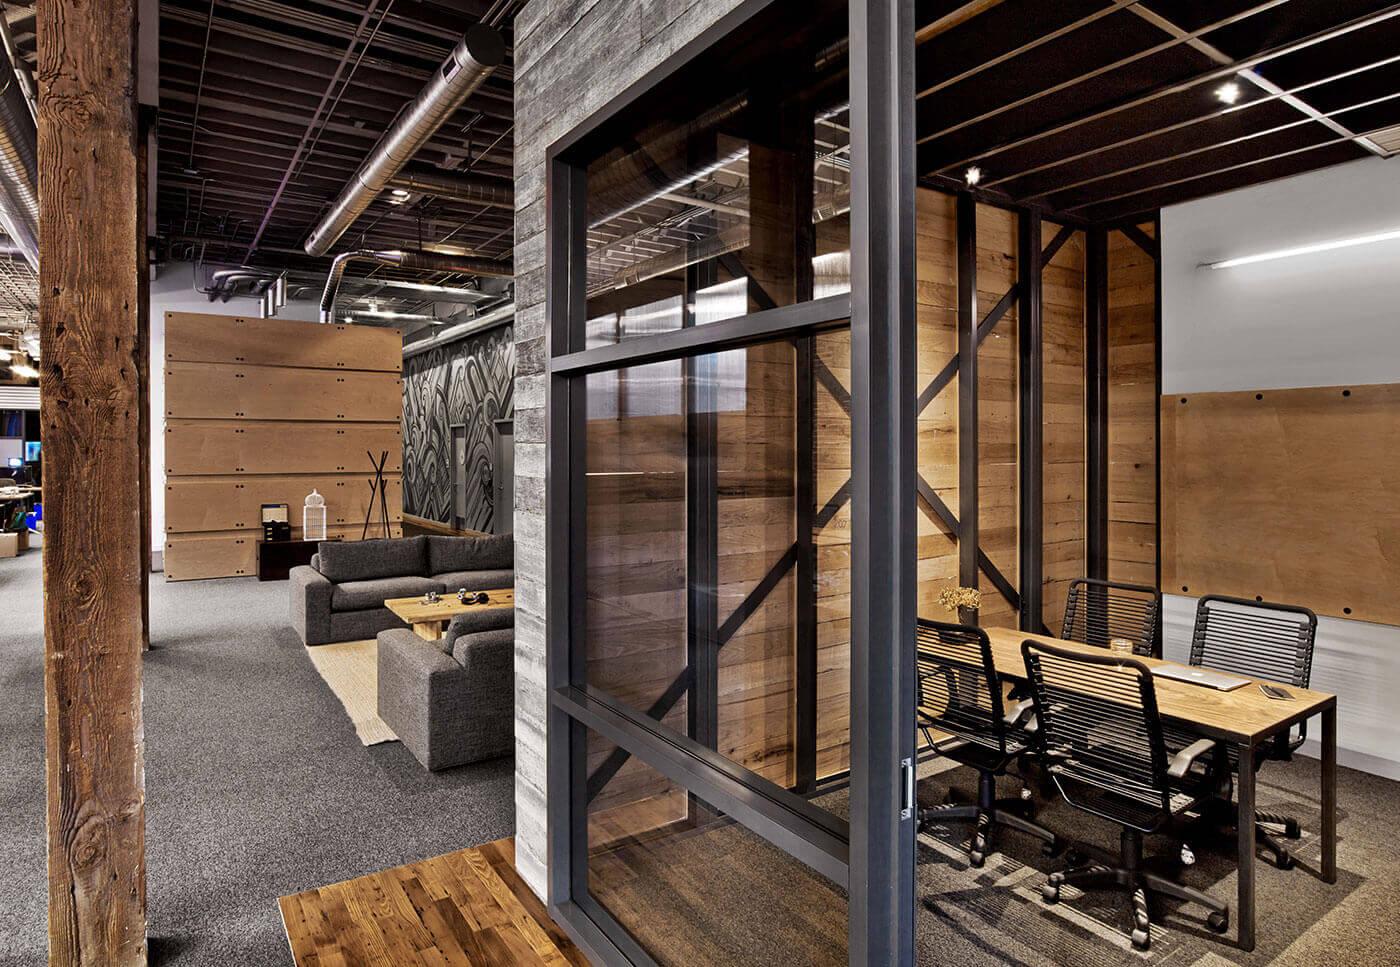 Kết hợp giữa gỗ và kim loại trong thiết kế công nghiệp